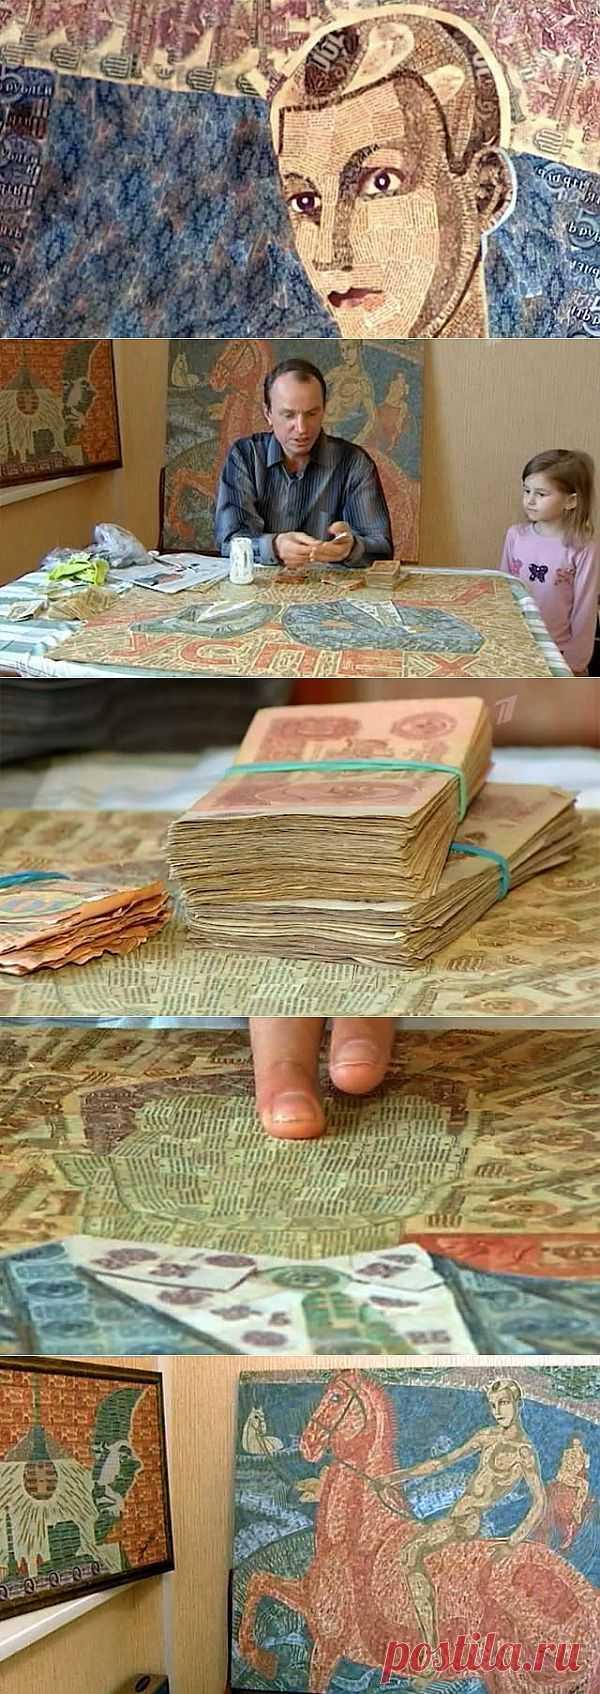 Творческое применение советским рублям.